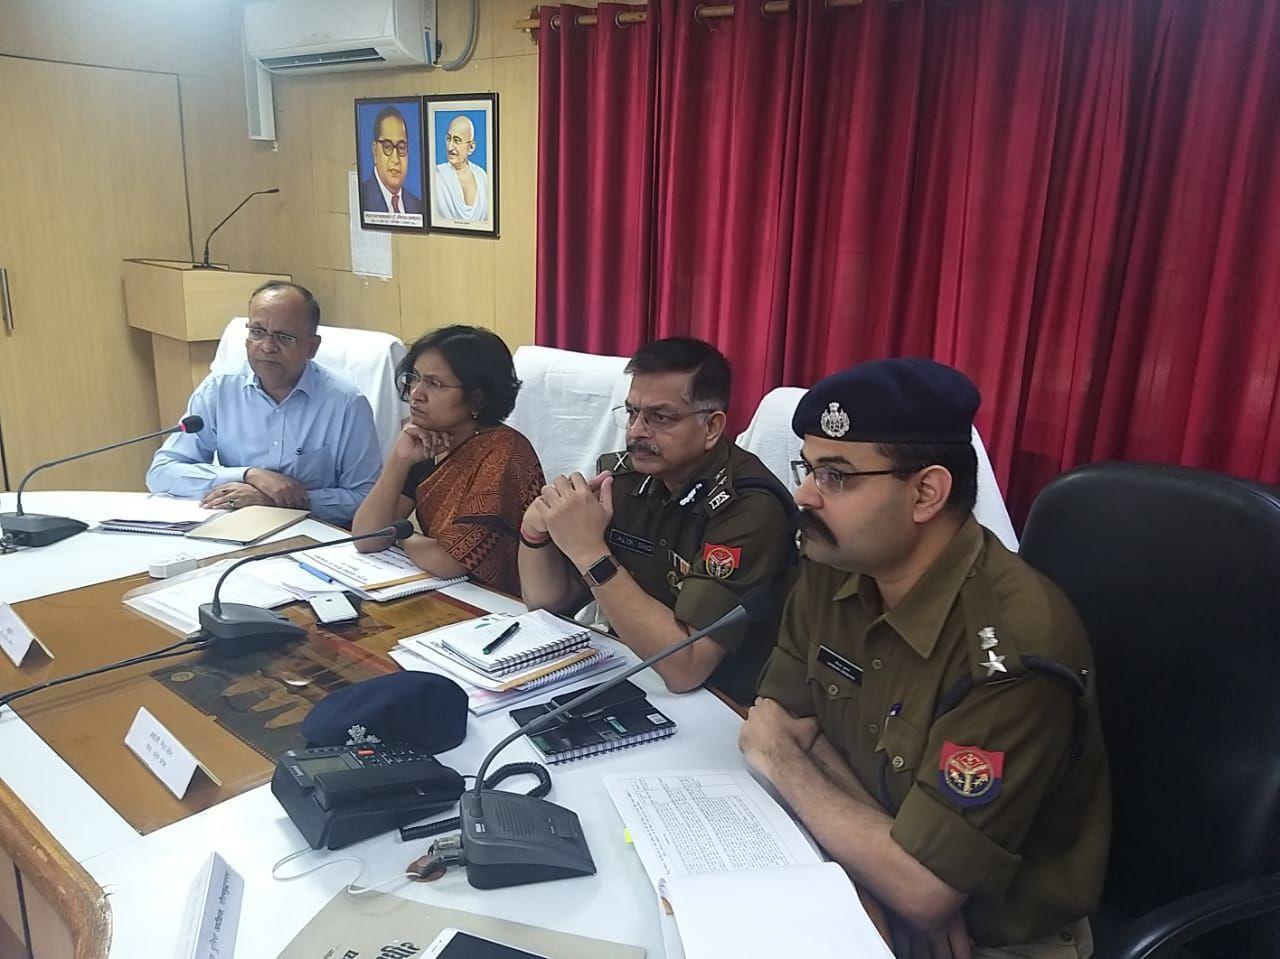 मेरठ कमिश्नर और आईजी ने ली नोएडा के अधिकारियों की मीटिंग, अयोध्या प्रकरण को लेकर तैयारियों का लिया जायजा